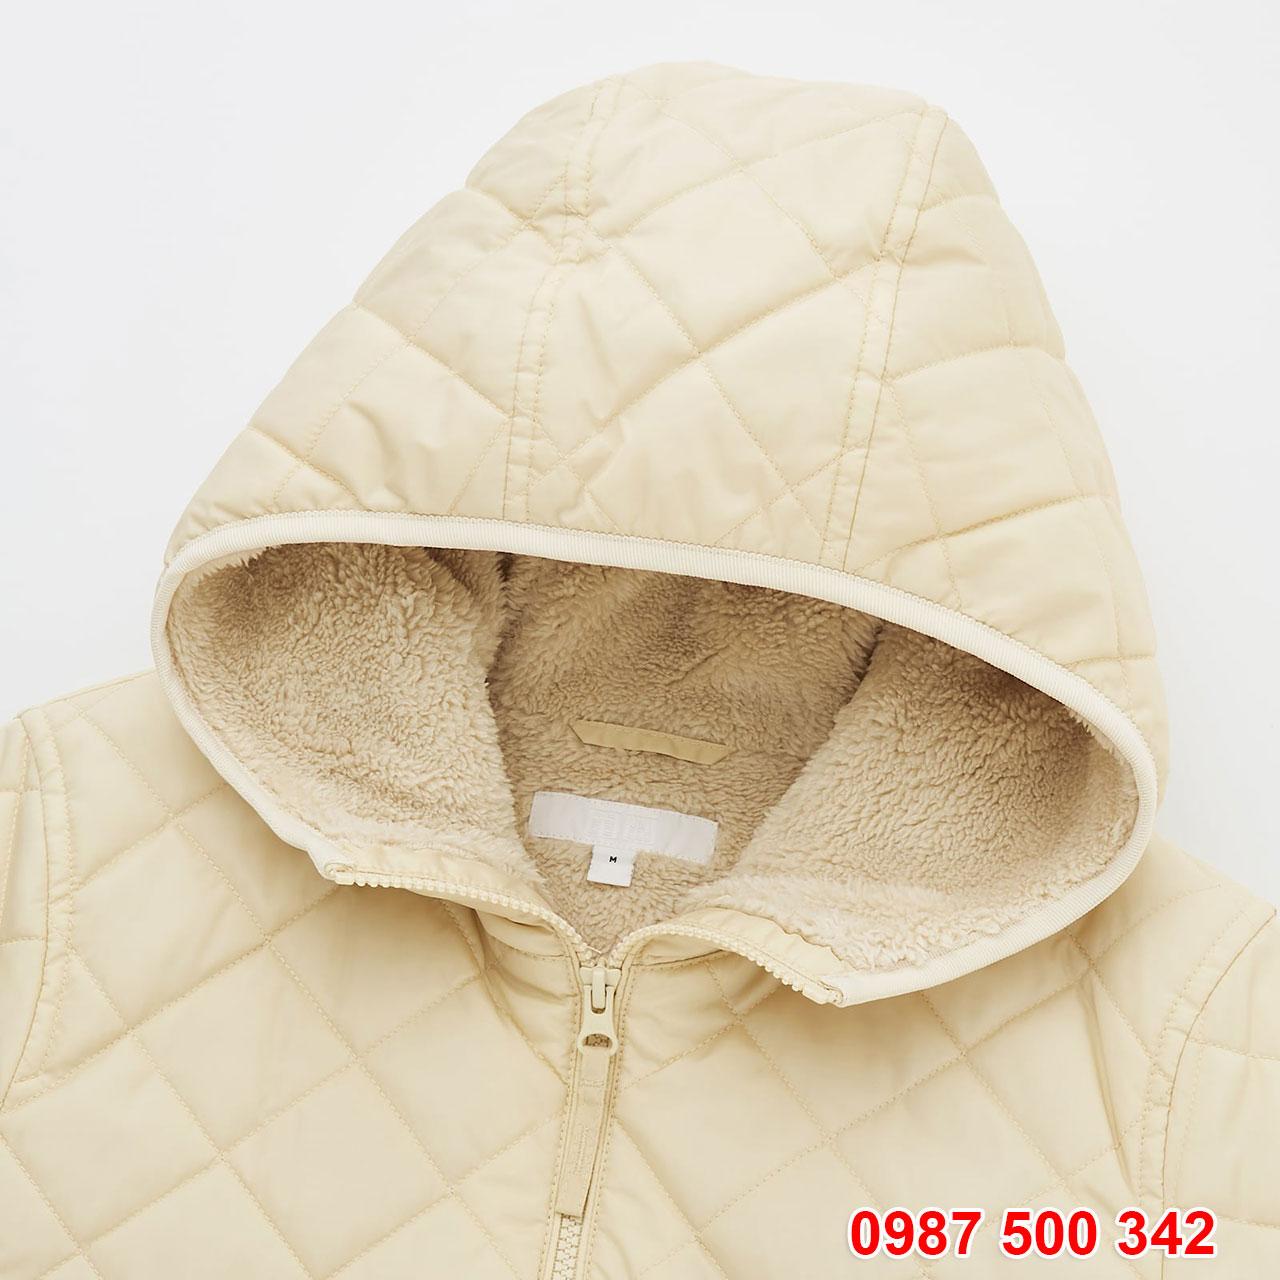 Chi tiết mũ Áo khoác chần trám lót lông cừu Uniqlo 2020 - 2021 mã 432295